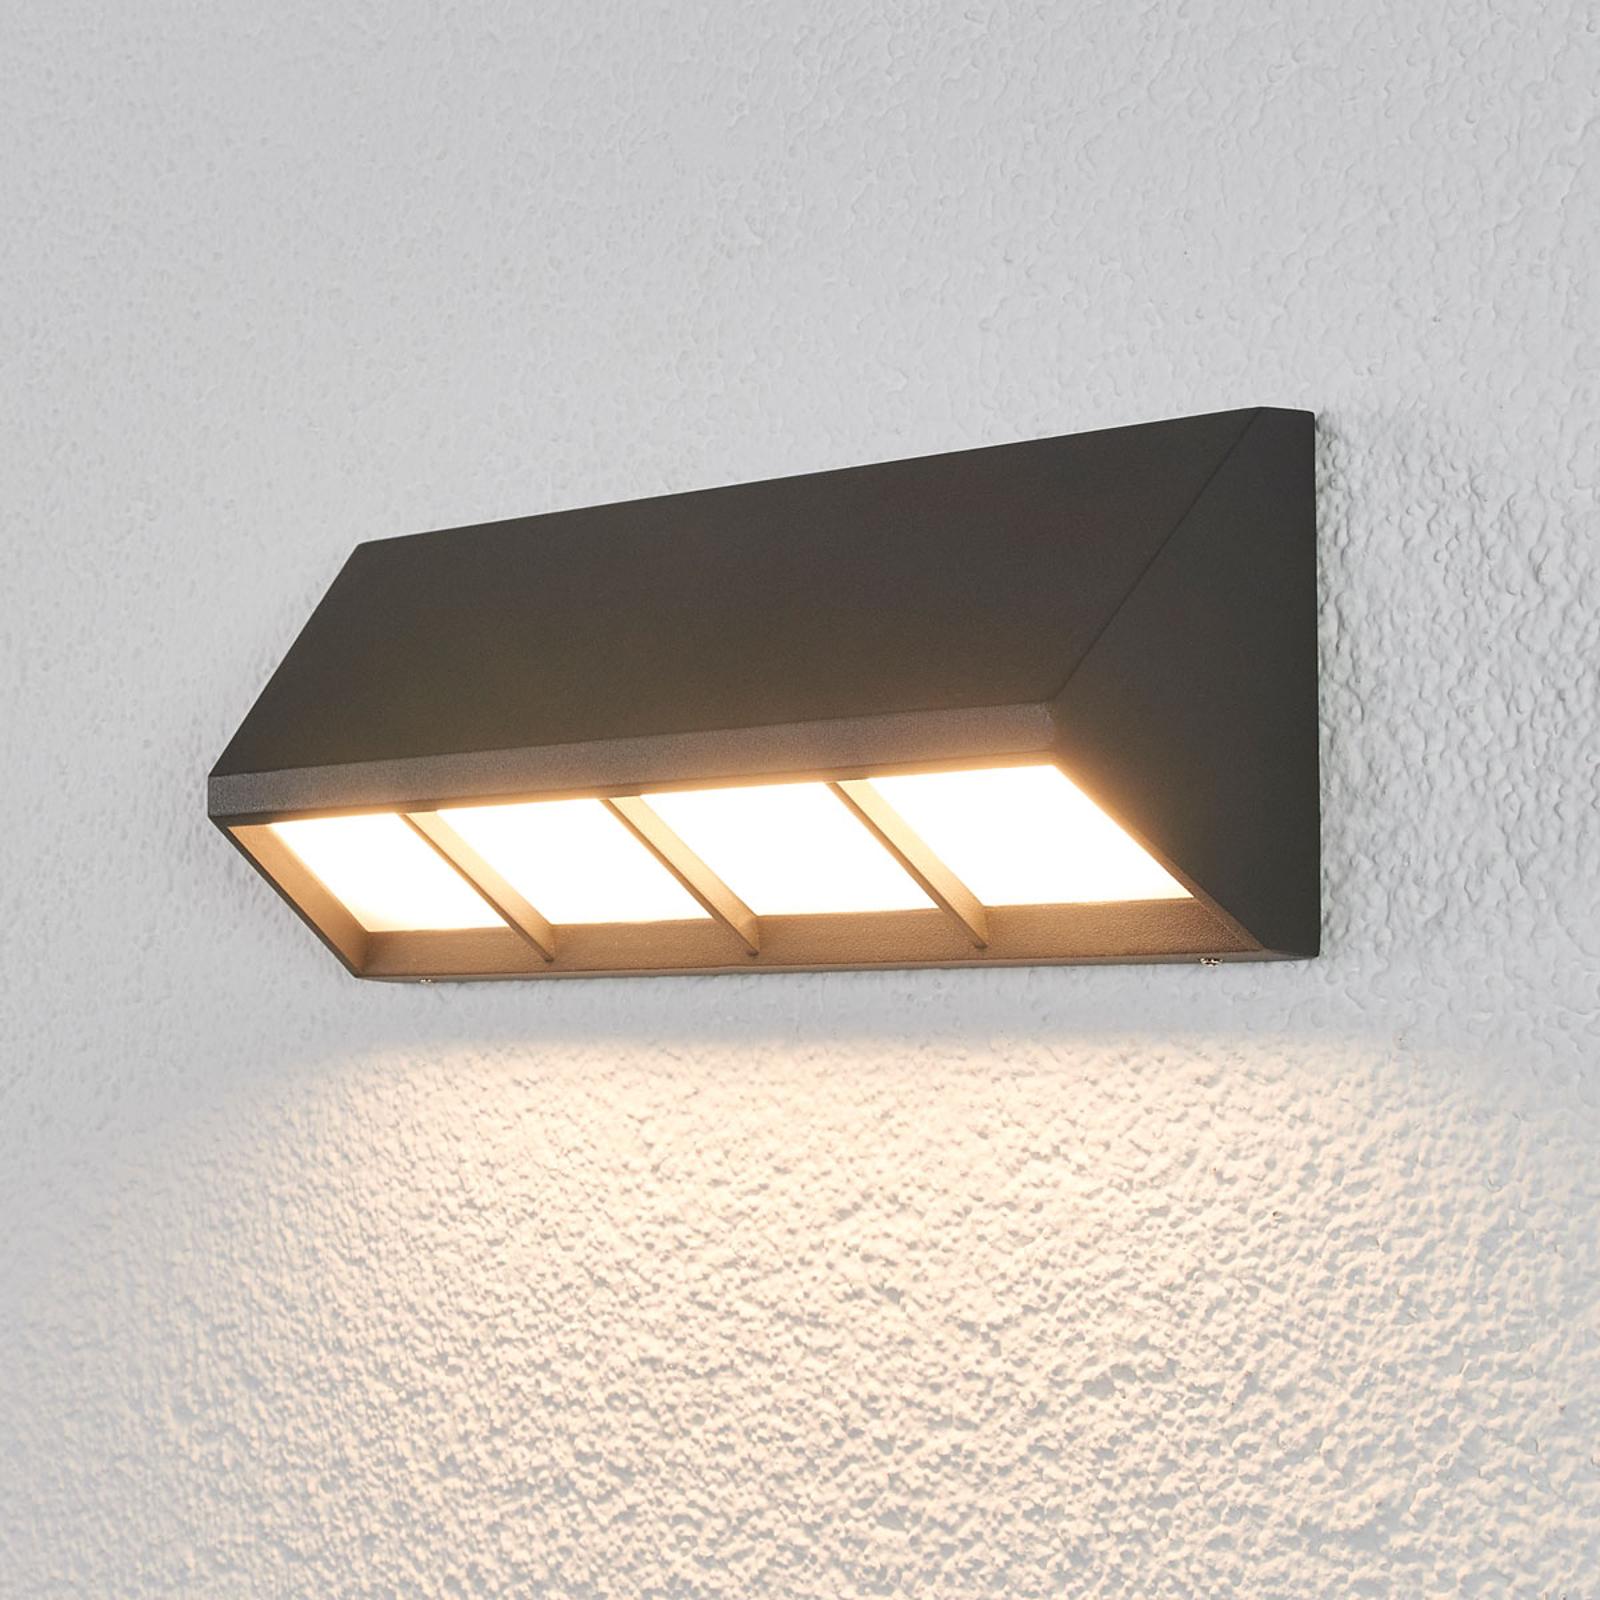 Cedrick - LED-utevegglampe i mørkegrått